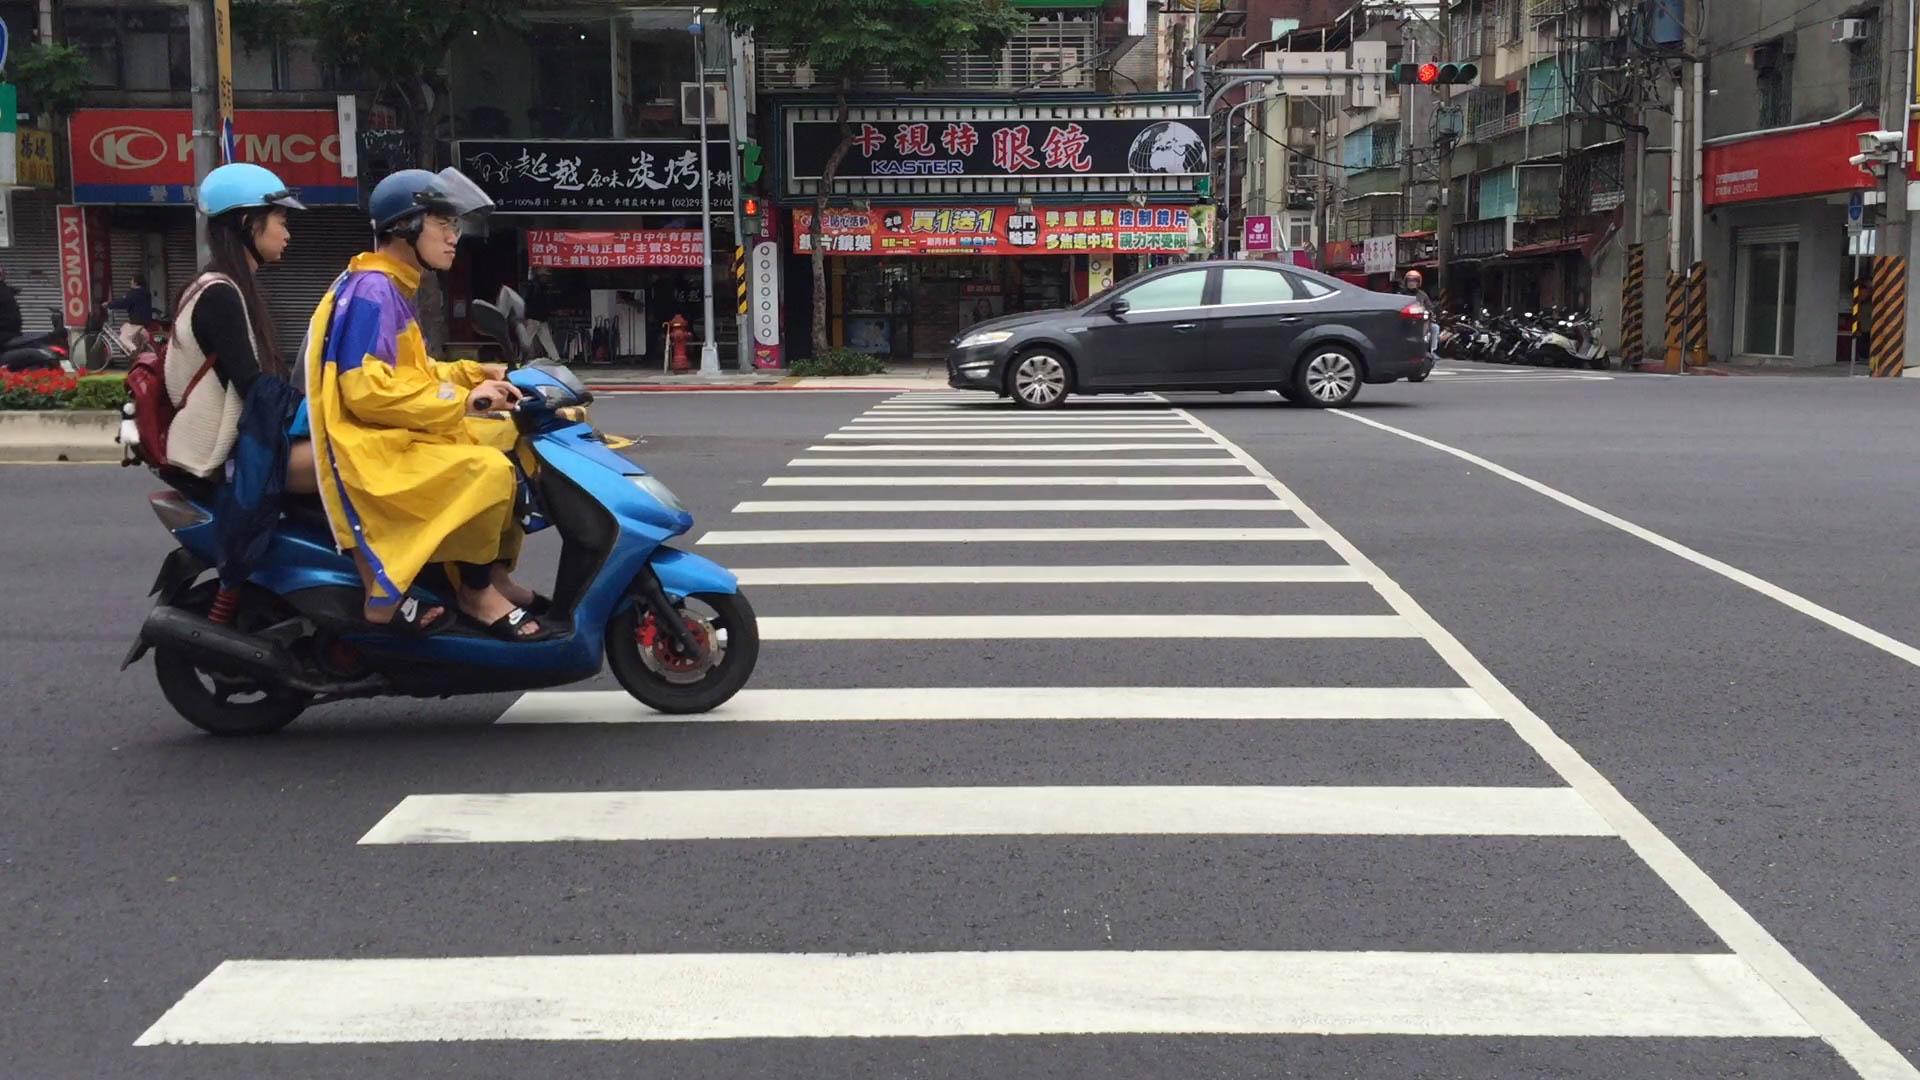 摩托車行經標線,容易發生打滑事故。攝影/布子如